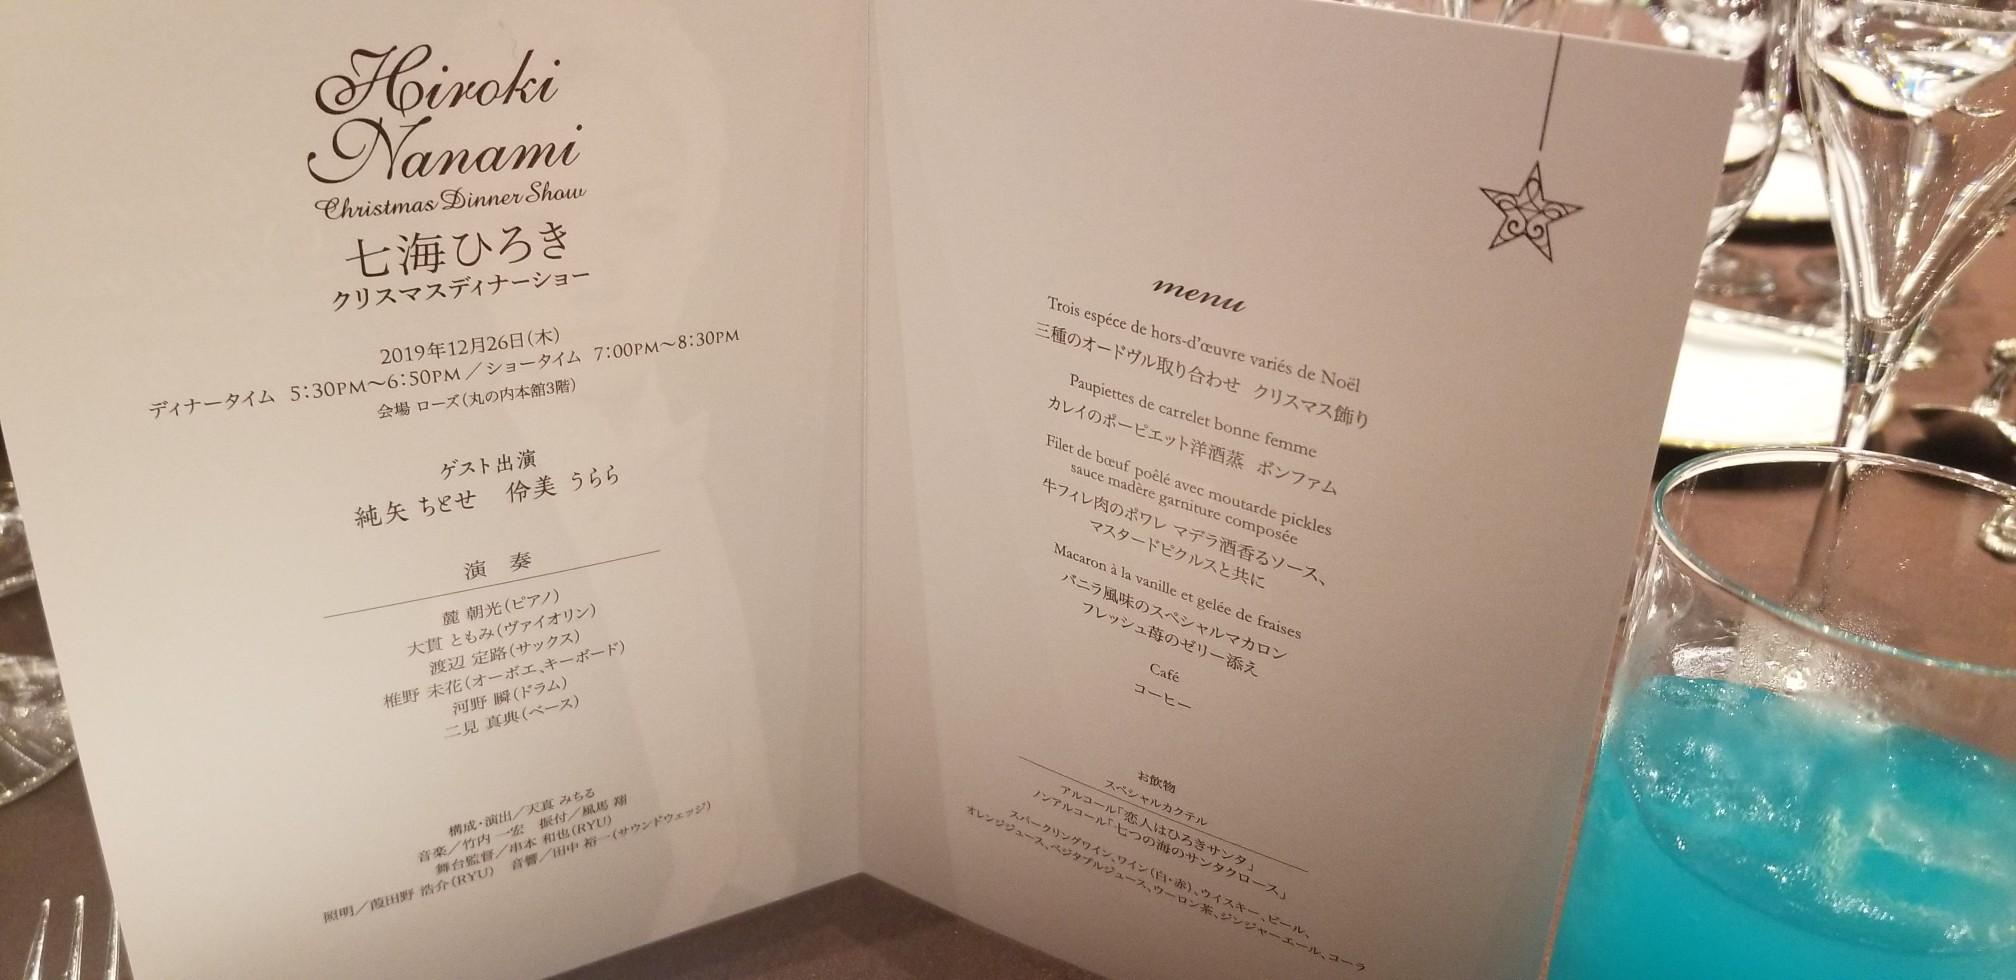 ♪いつまでもクリスマス★七海ひろきディナーショー_d0162225_18475949.jpg